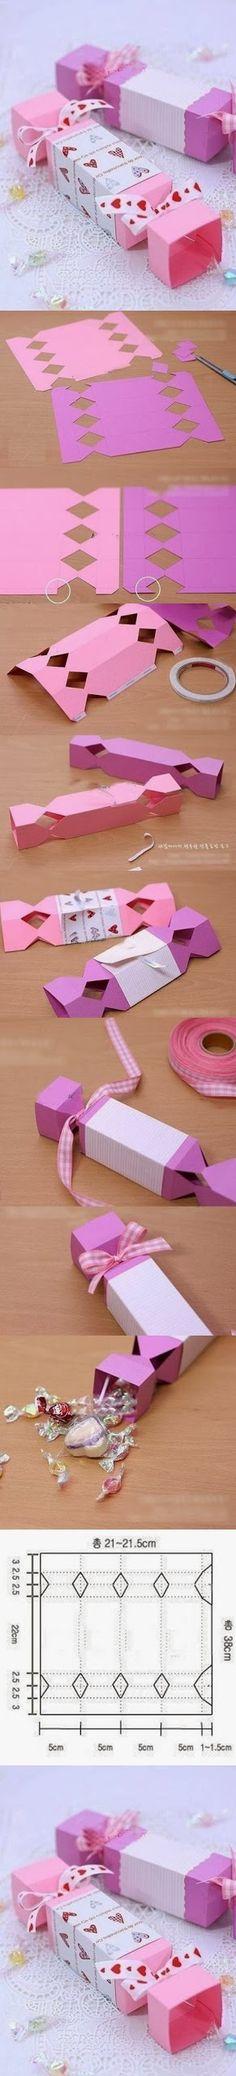 DIY : Cute Candy Gift Box | DIY  Crafts Tutorials